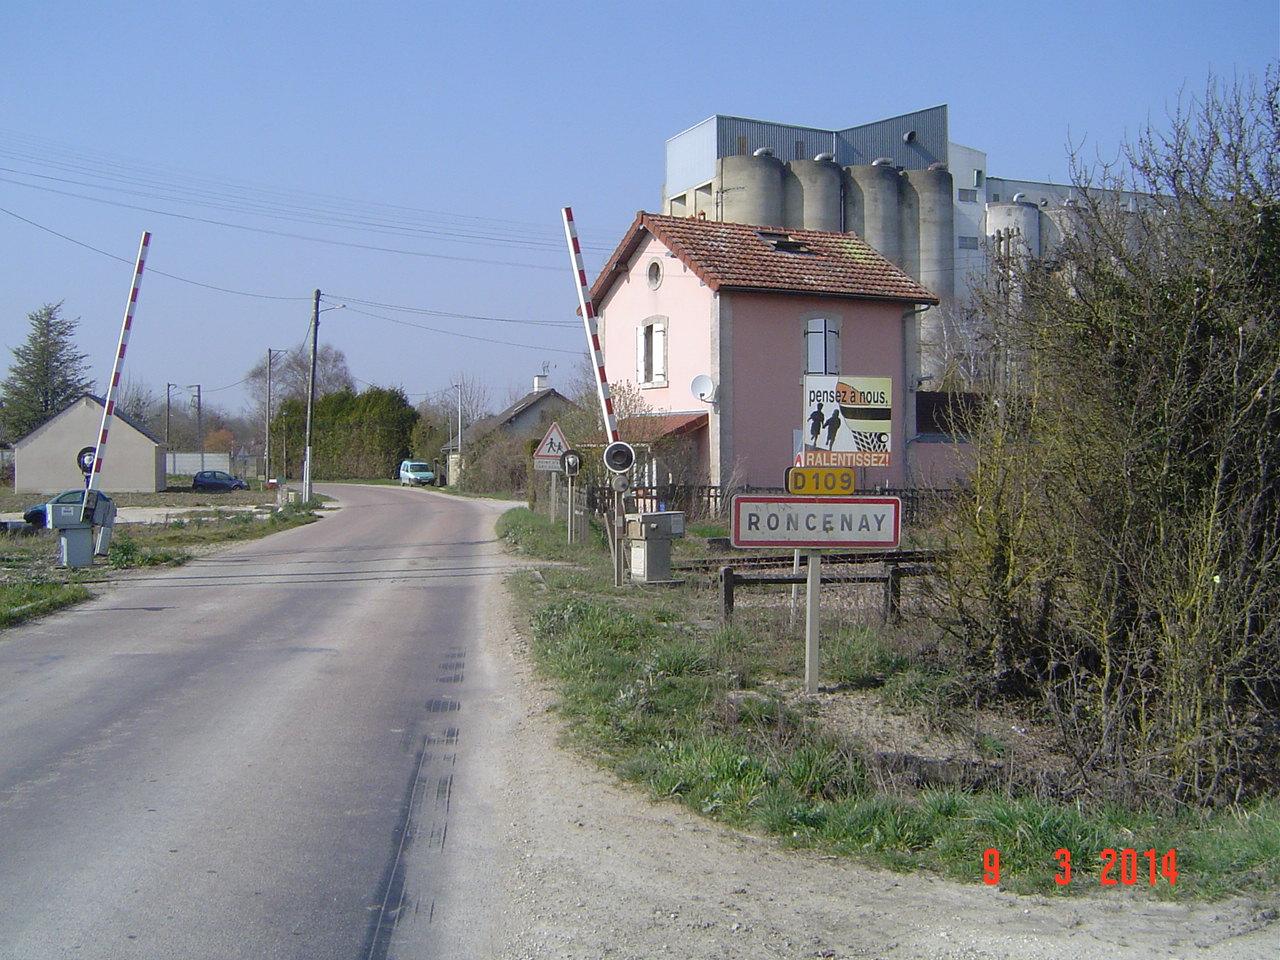 Entrée du bourg par la RD 109.